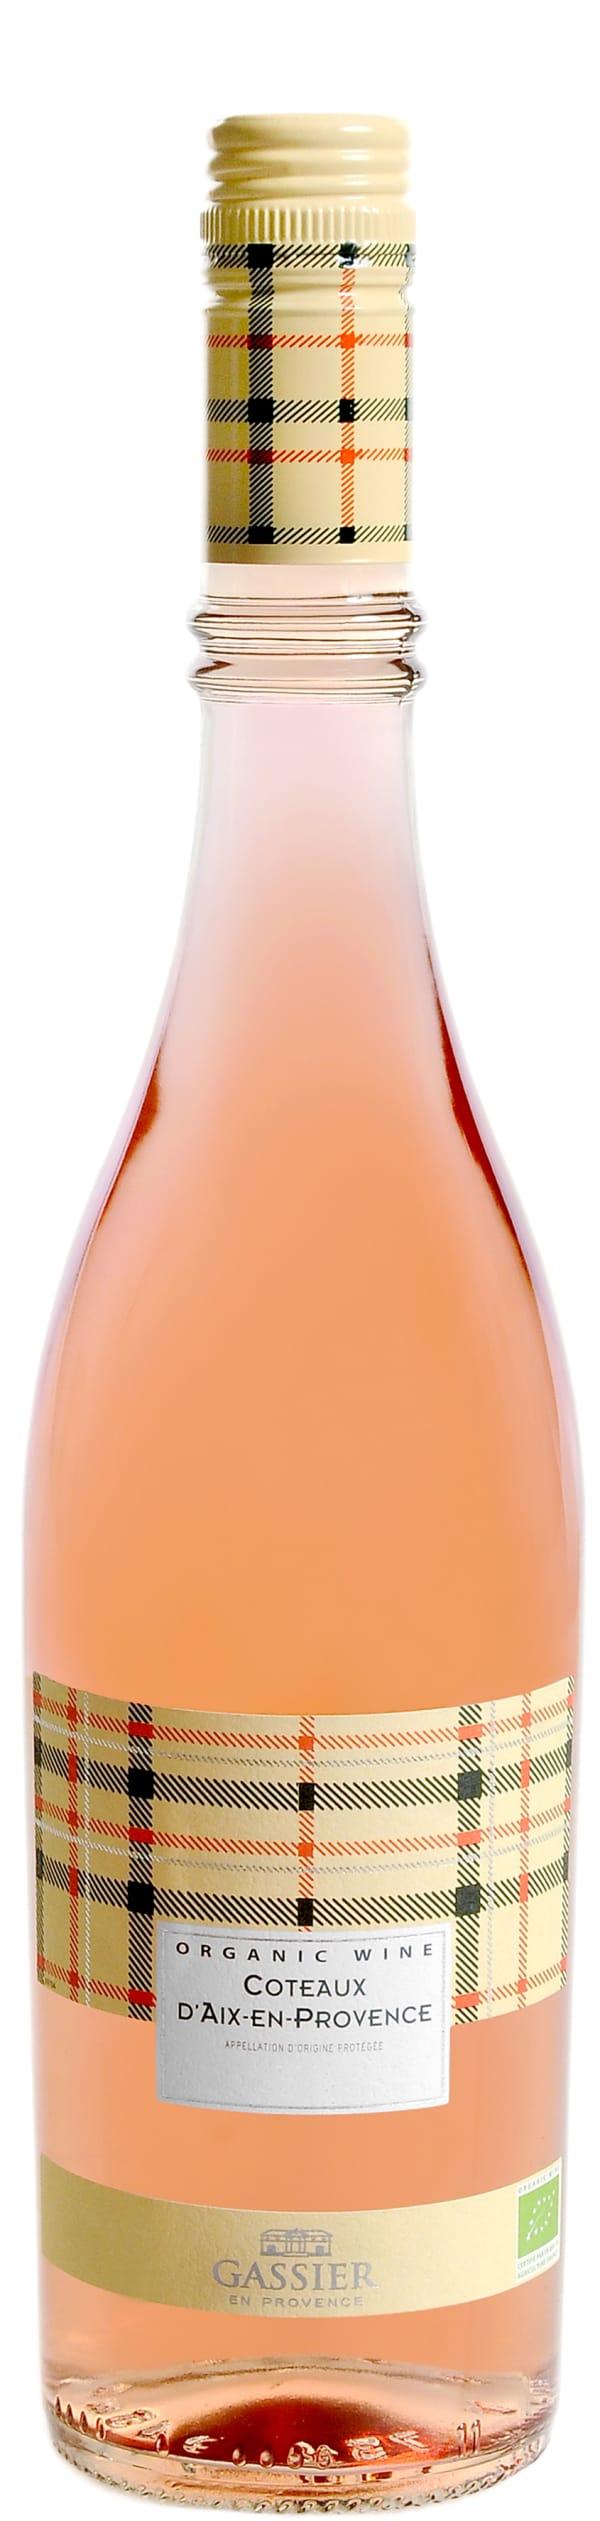 Gassier Coteaux d'Aix-en-Provence Organic 2018